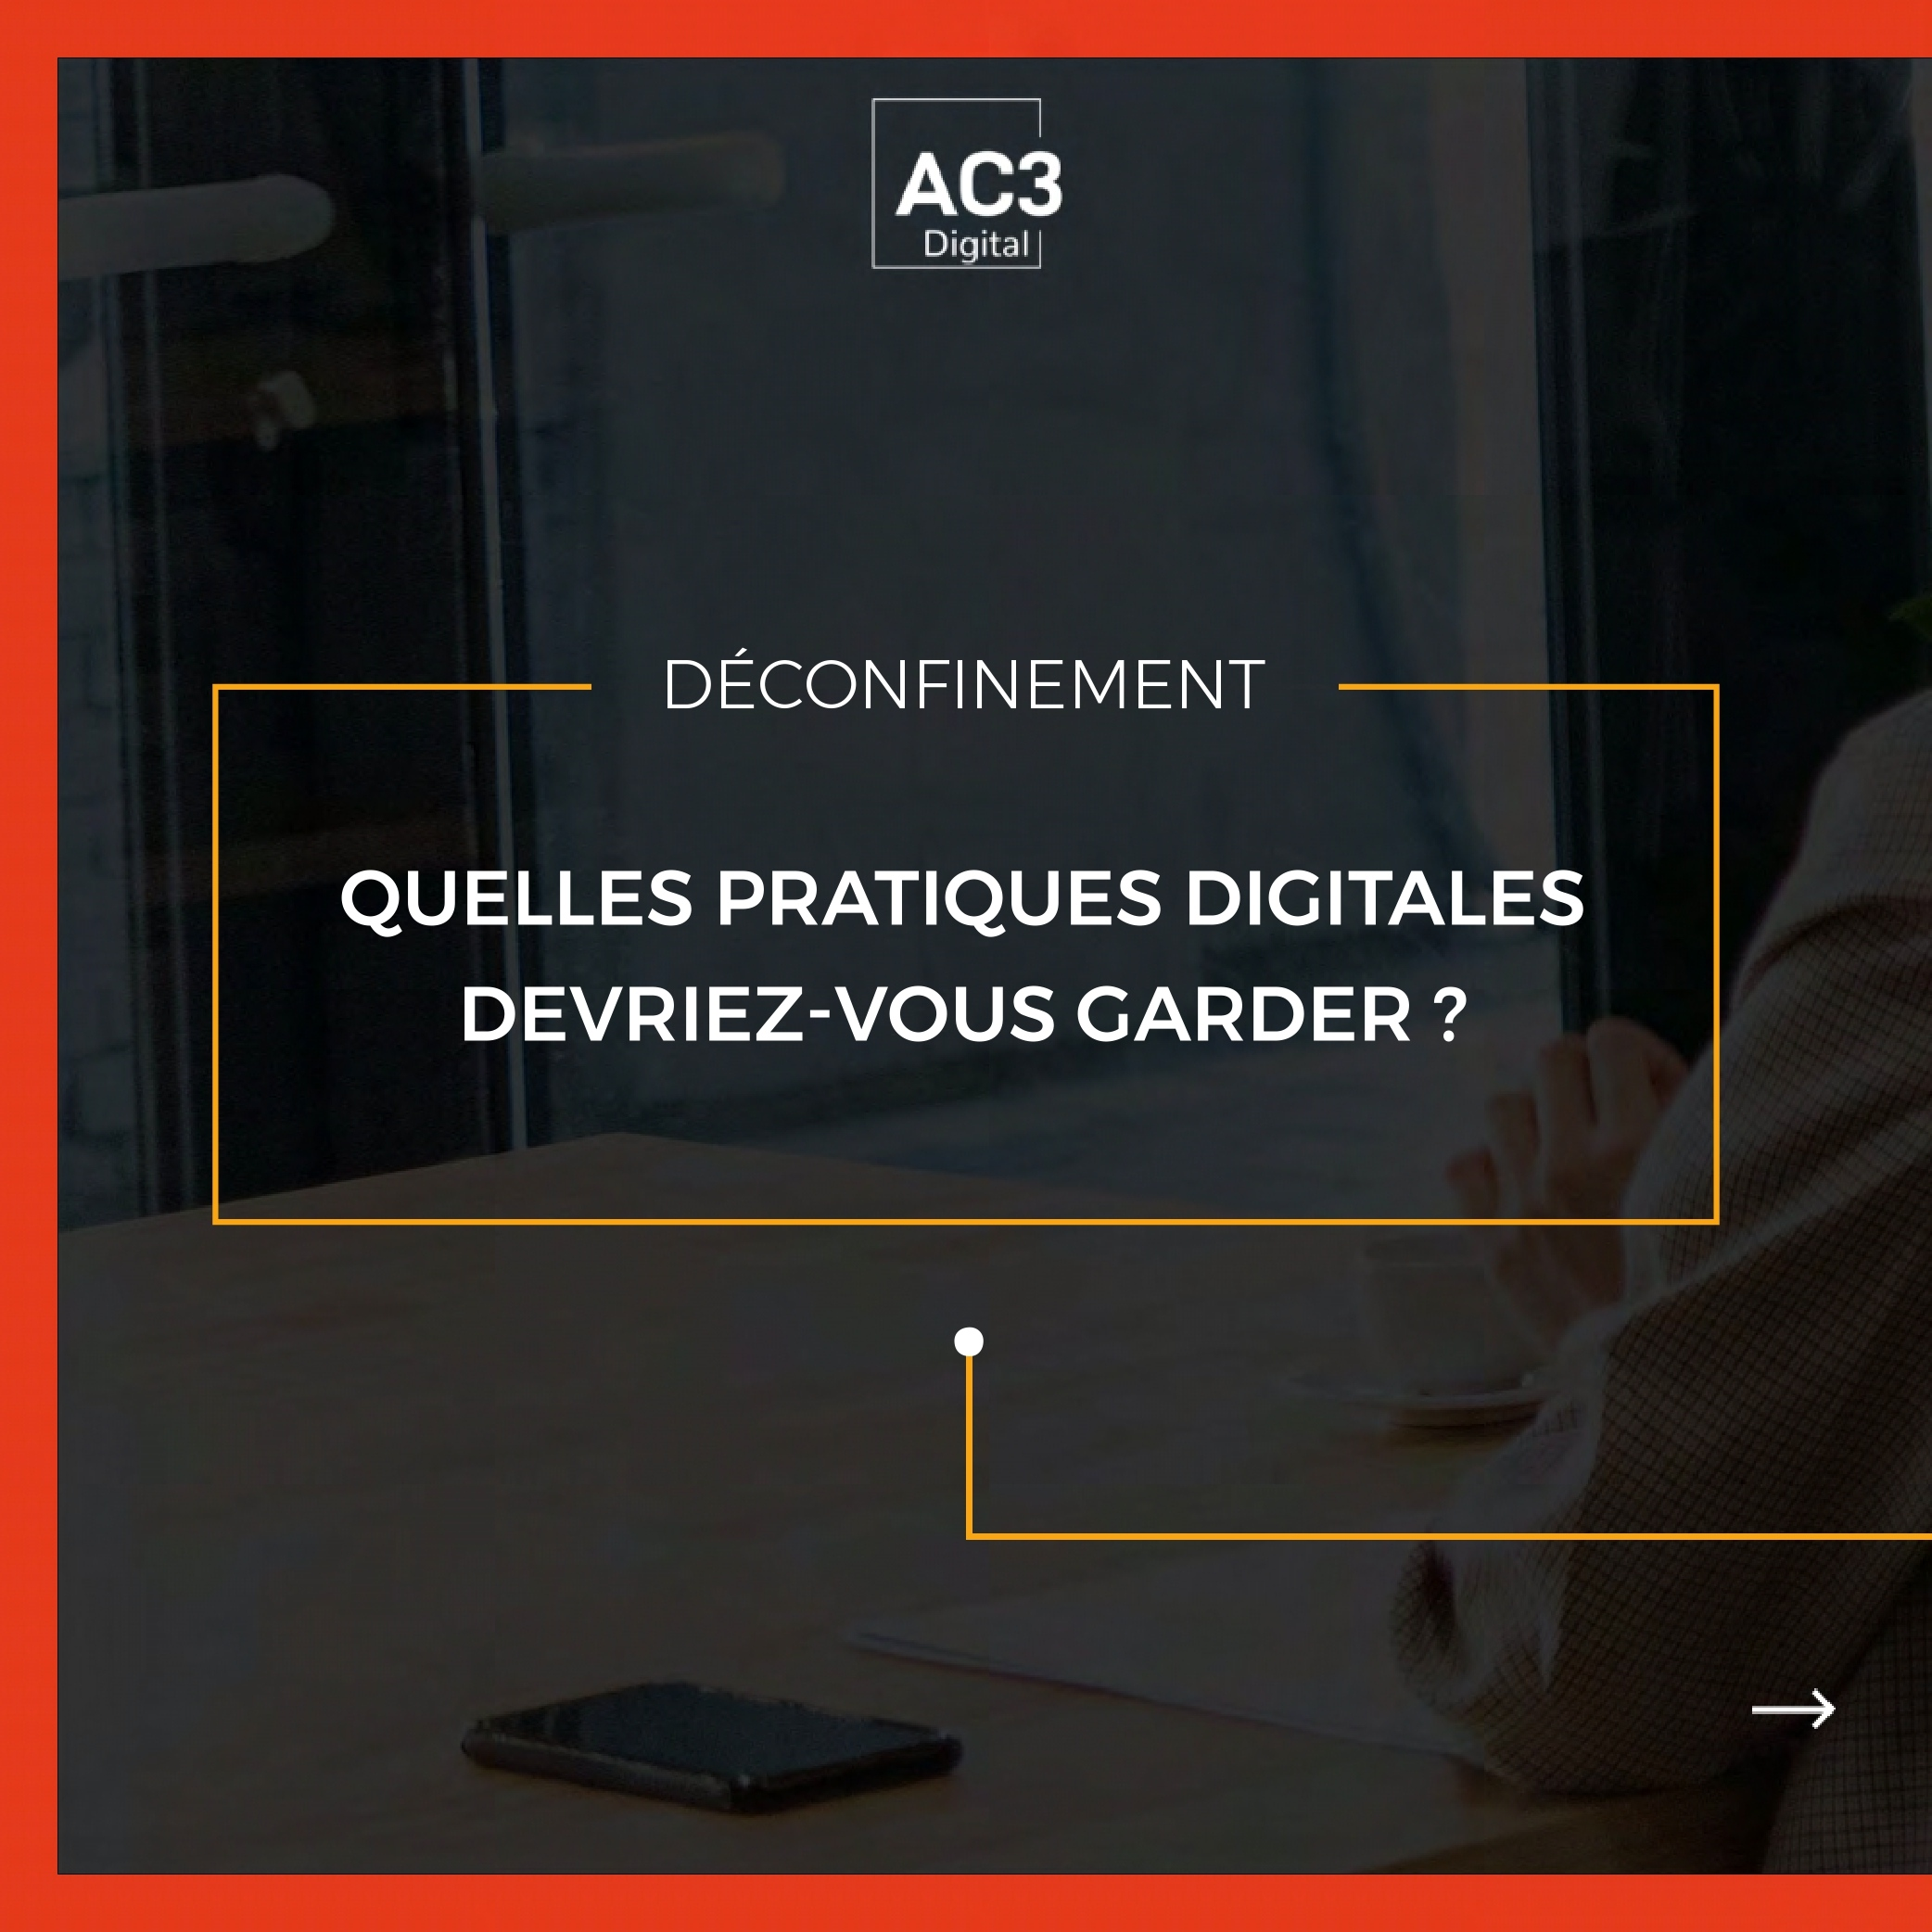 Quelles pratiques digitales devez-vous garder ?